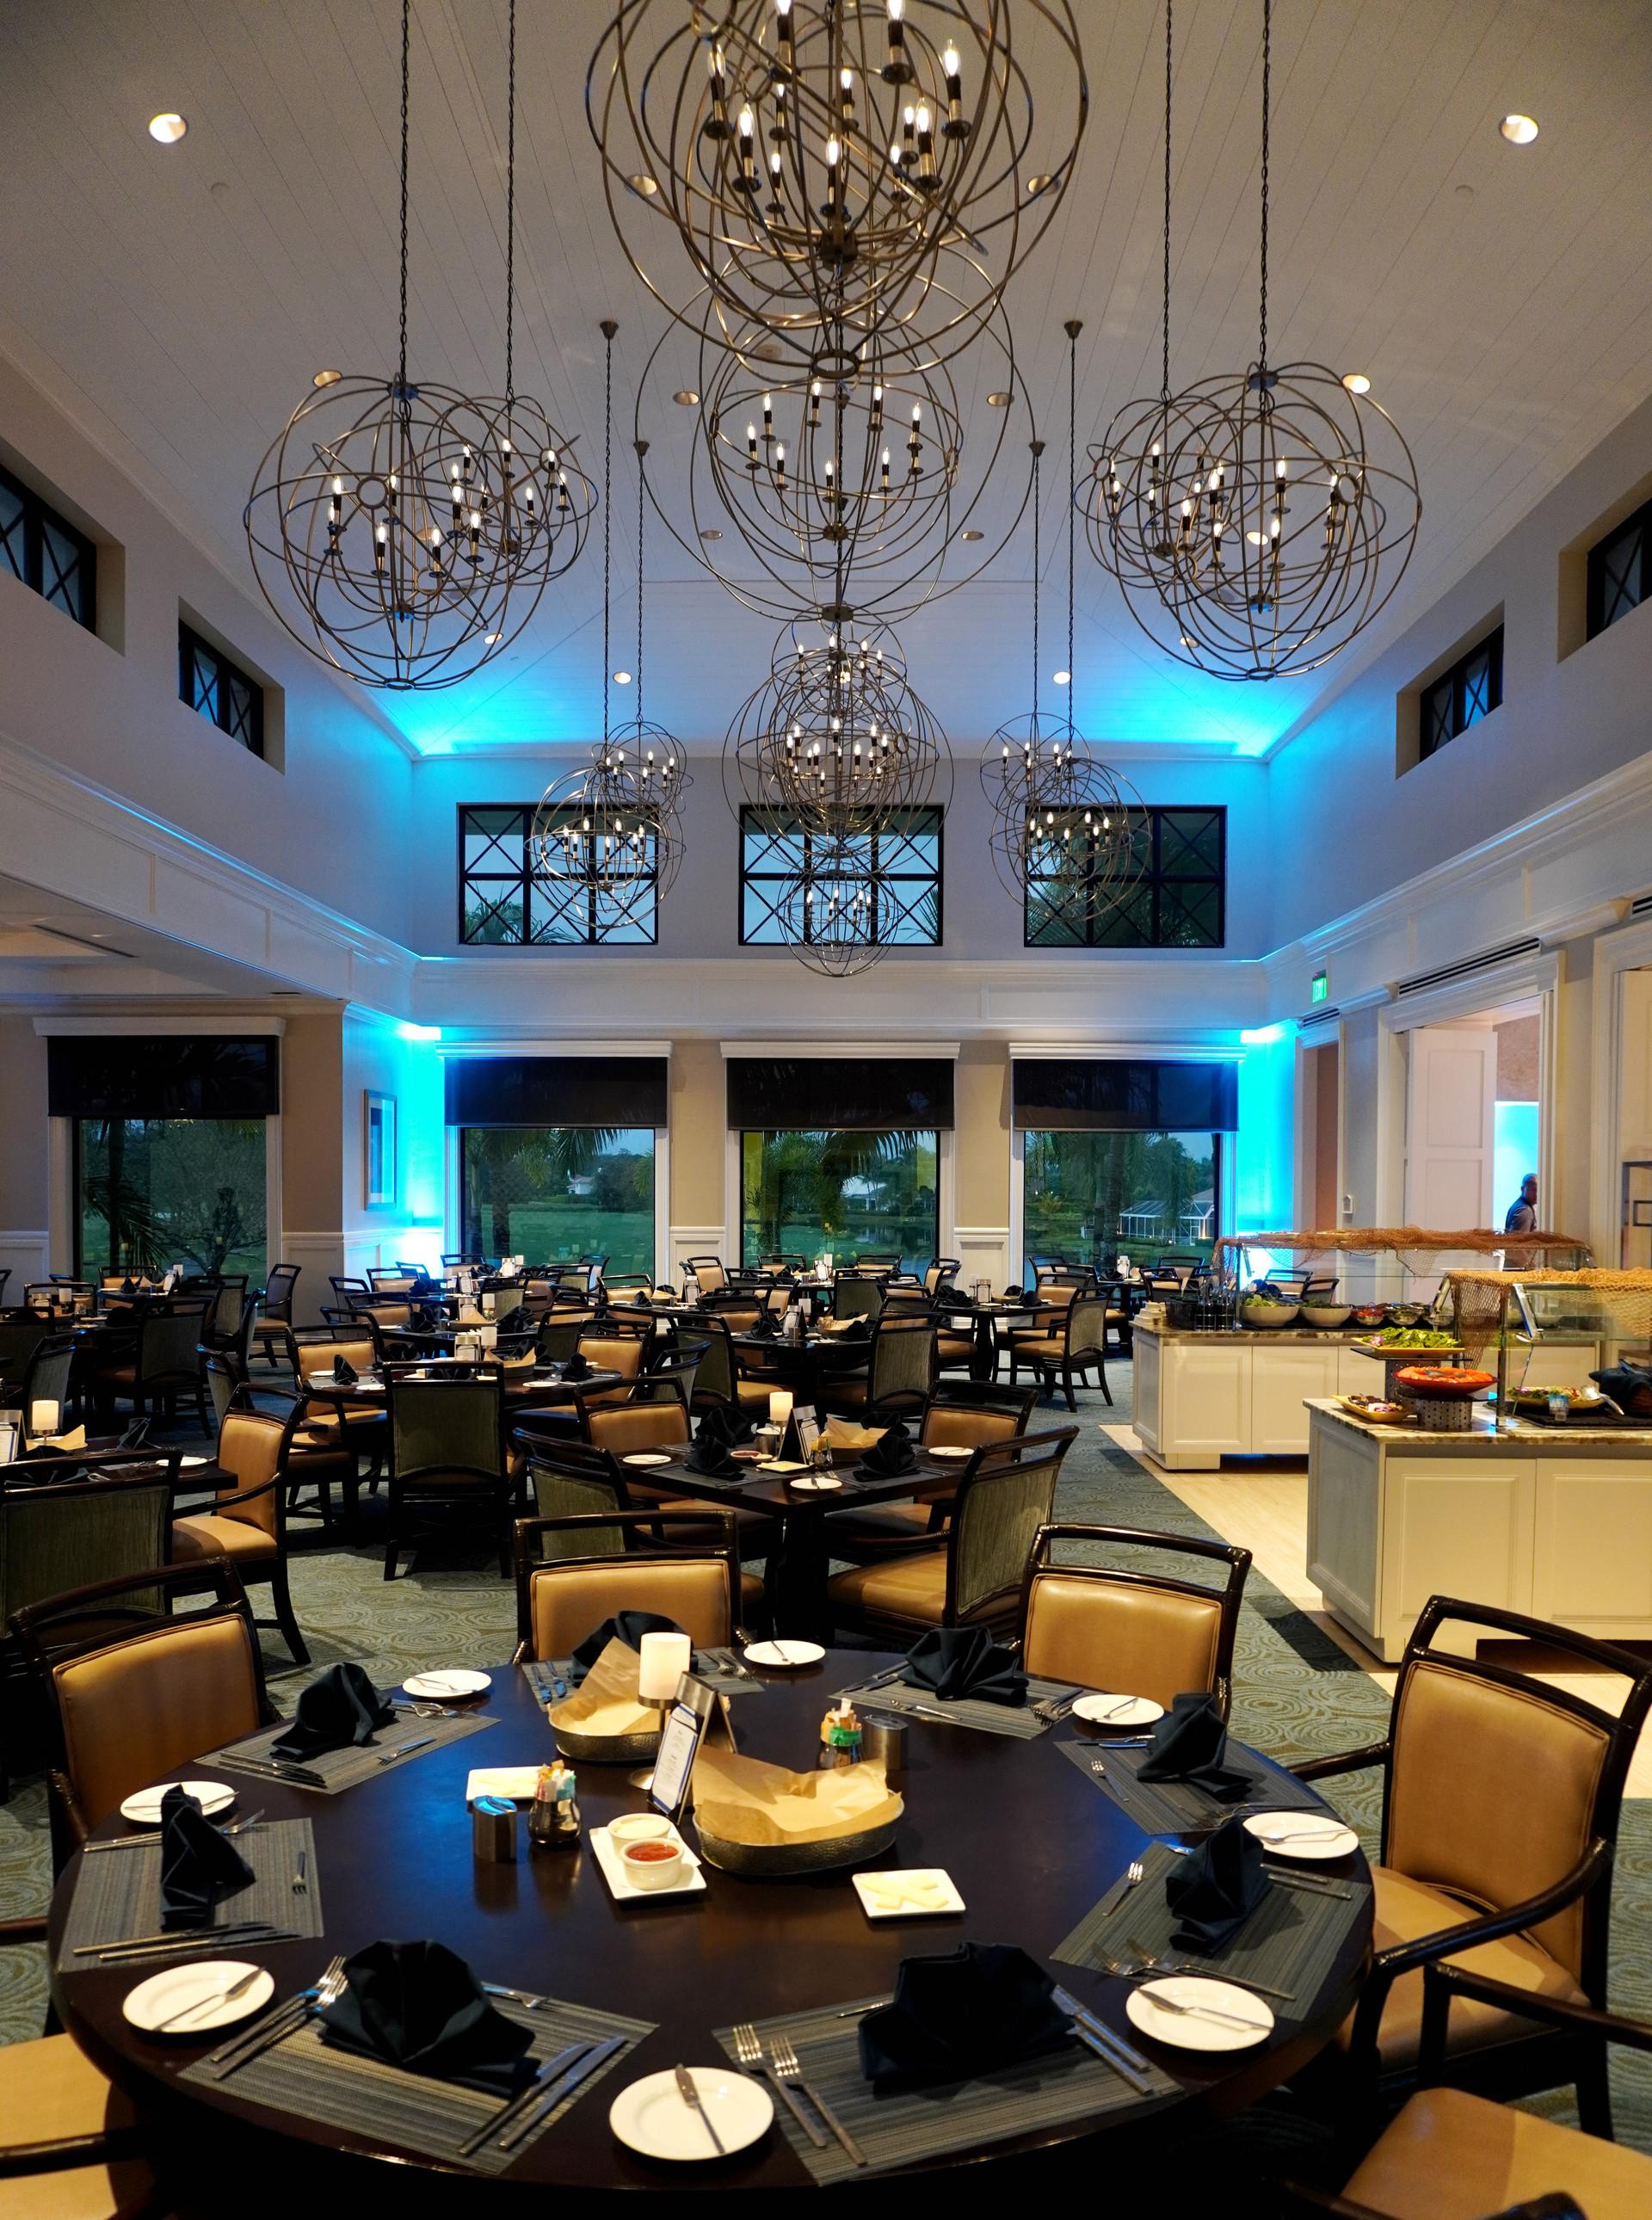 12.10.19 Atrium Lighting.jpg